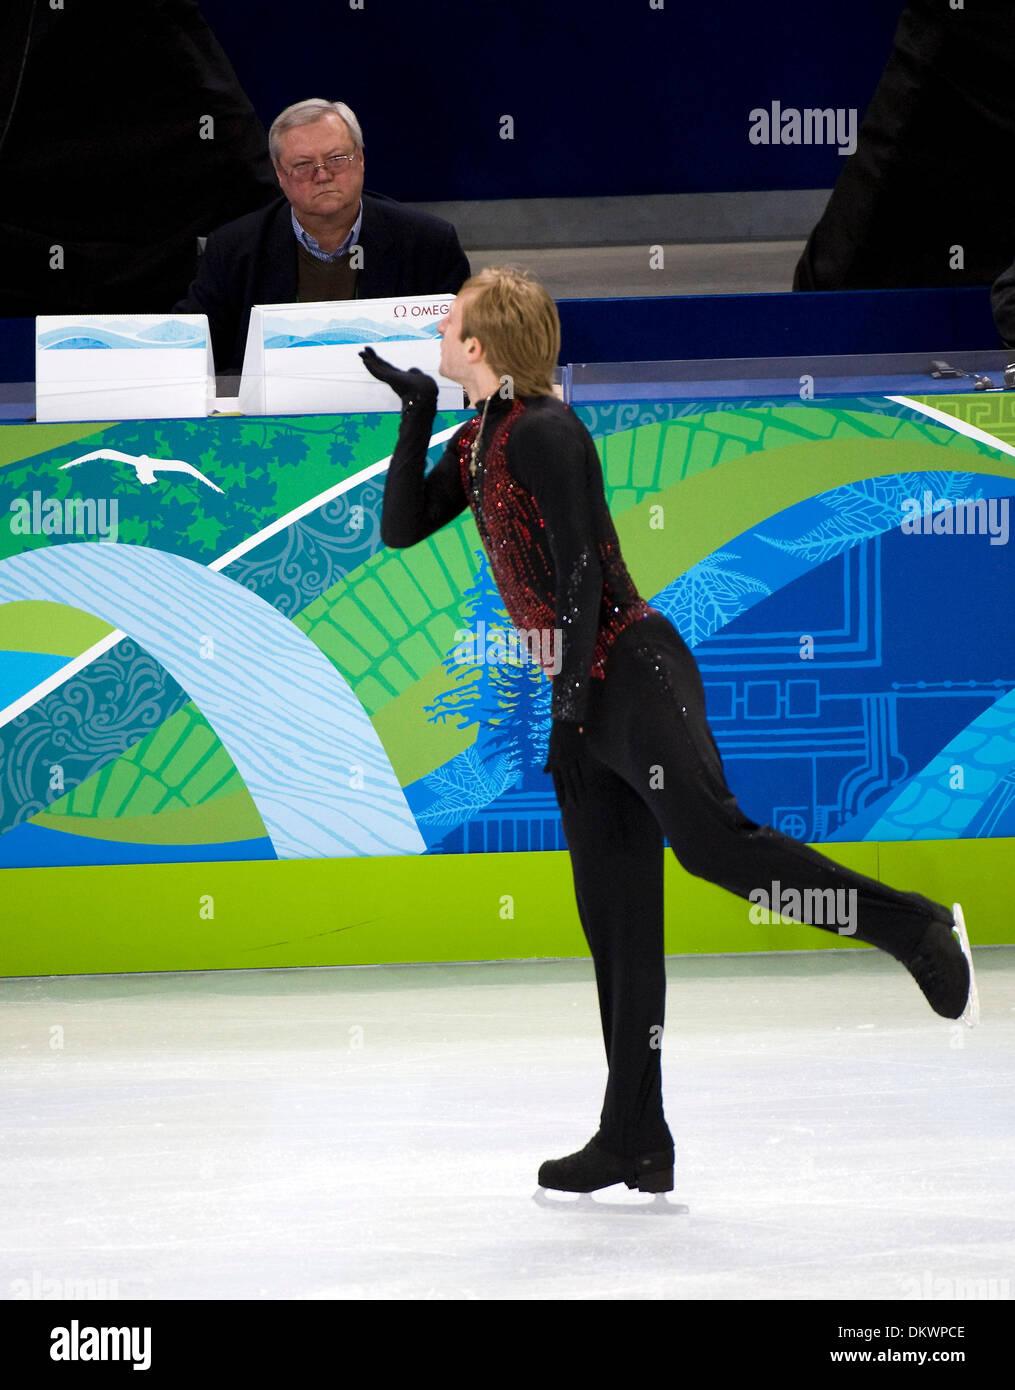 Выступление плющенко на олимпиаде в ванкувере произвольная программа — photo 1